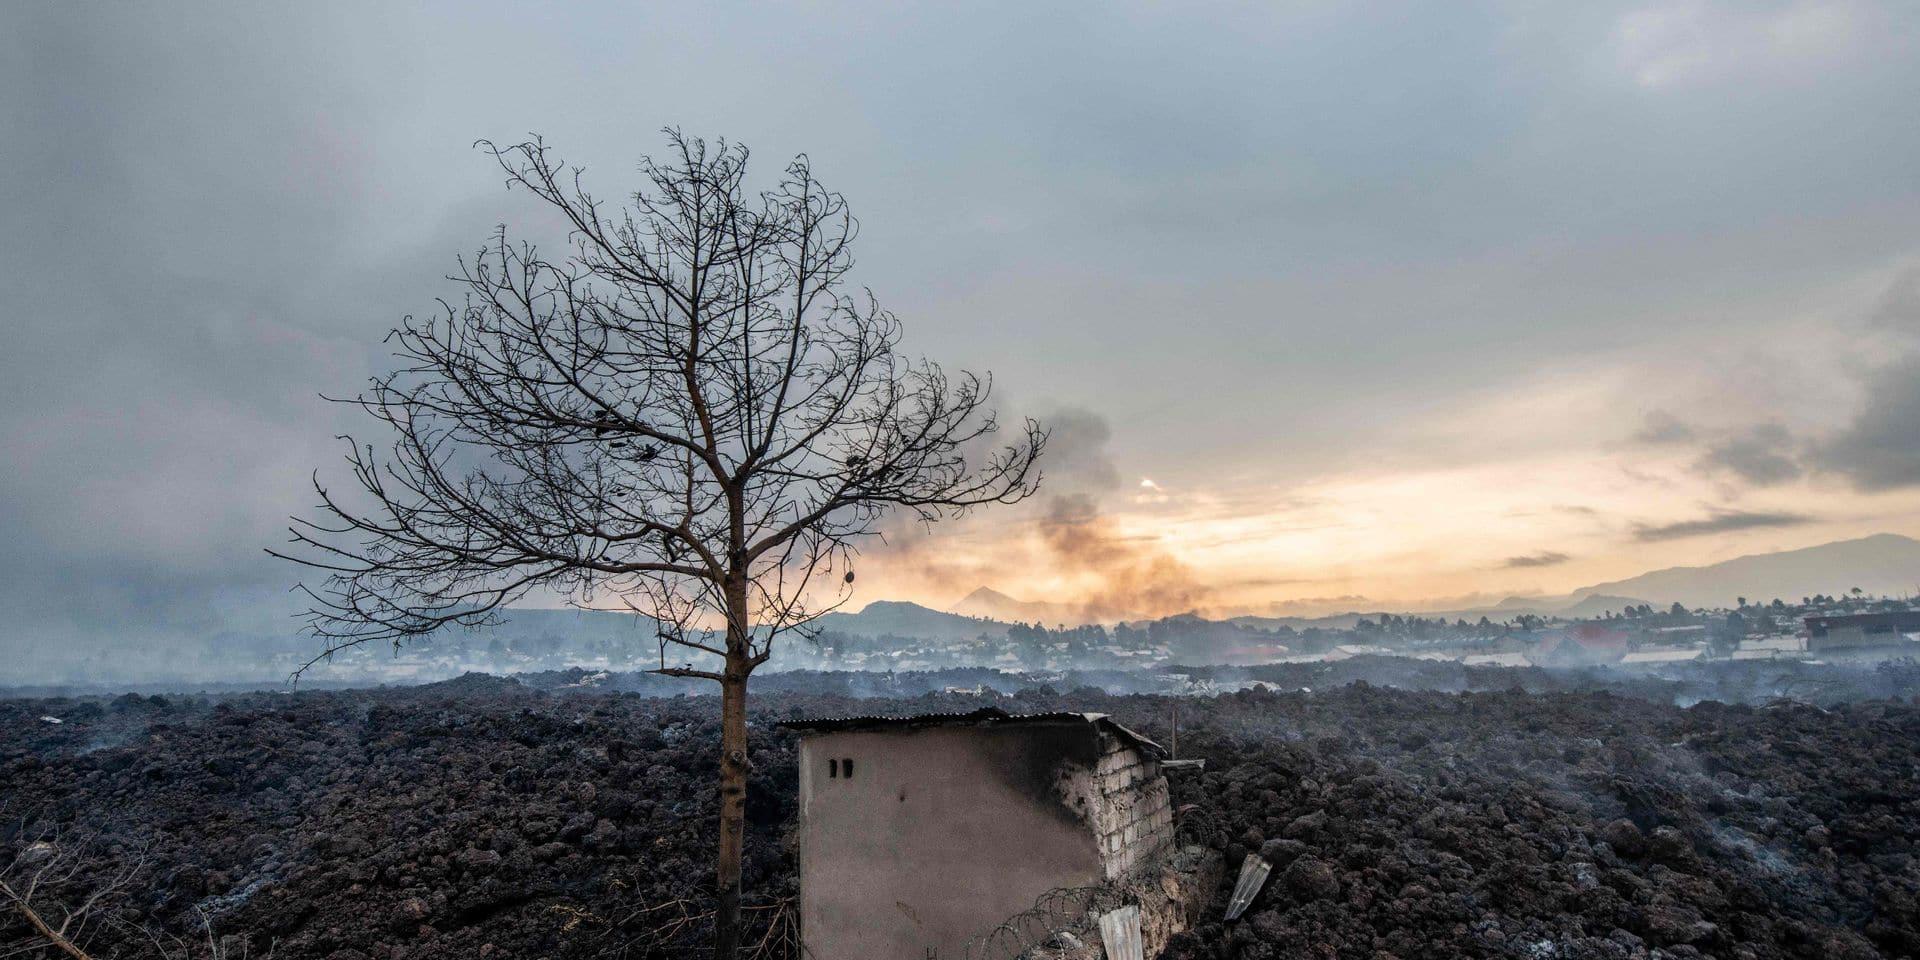 Eruption volcanique en RDC: Goma évacué, risque de catastrophe majeur